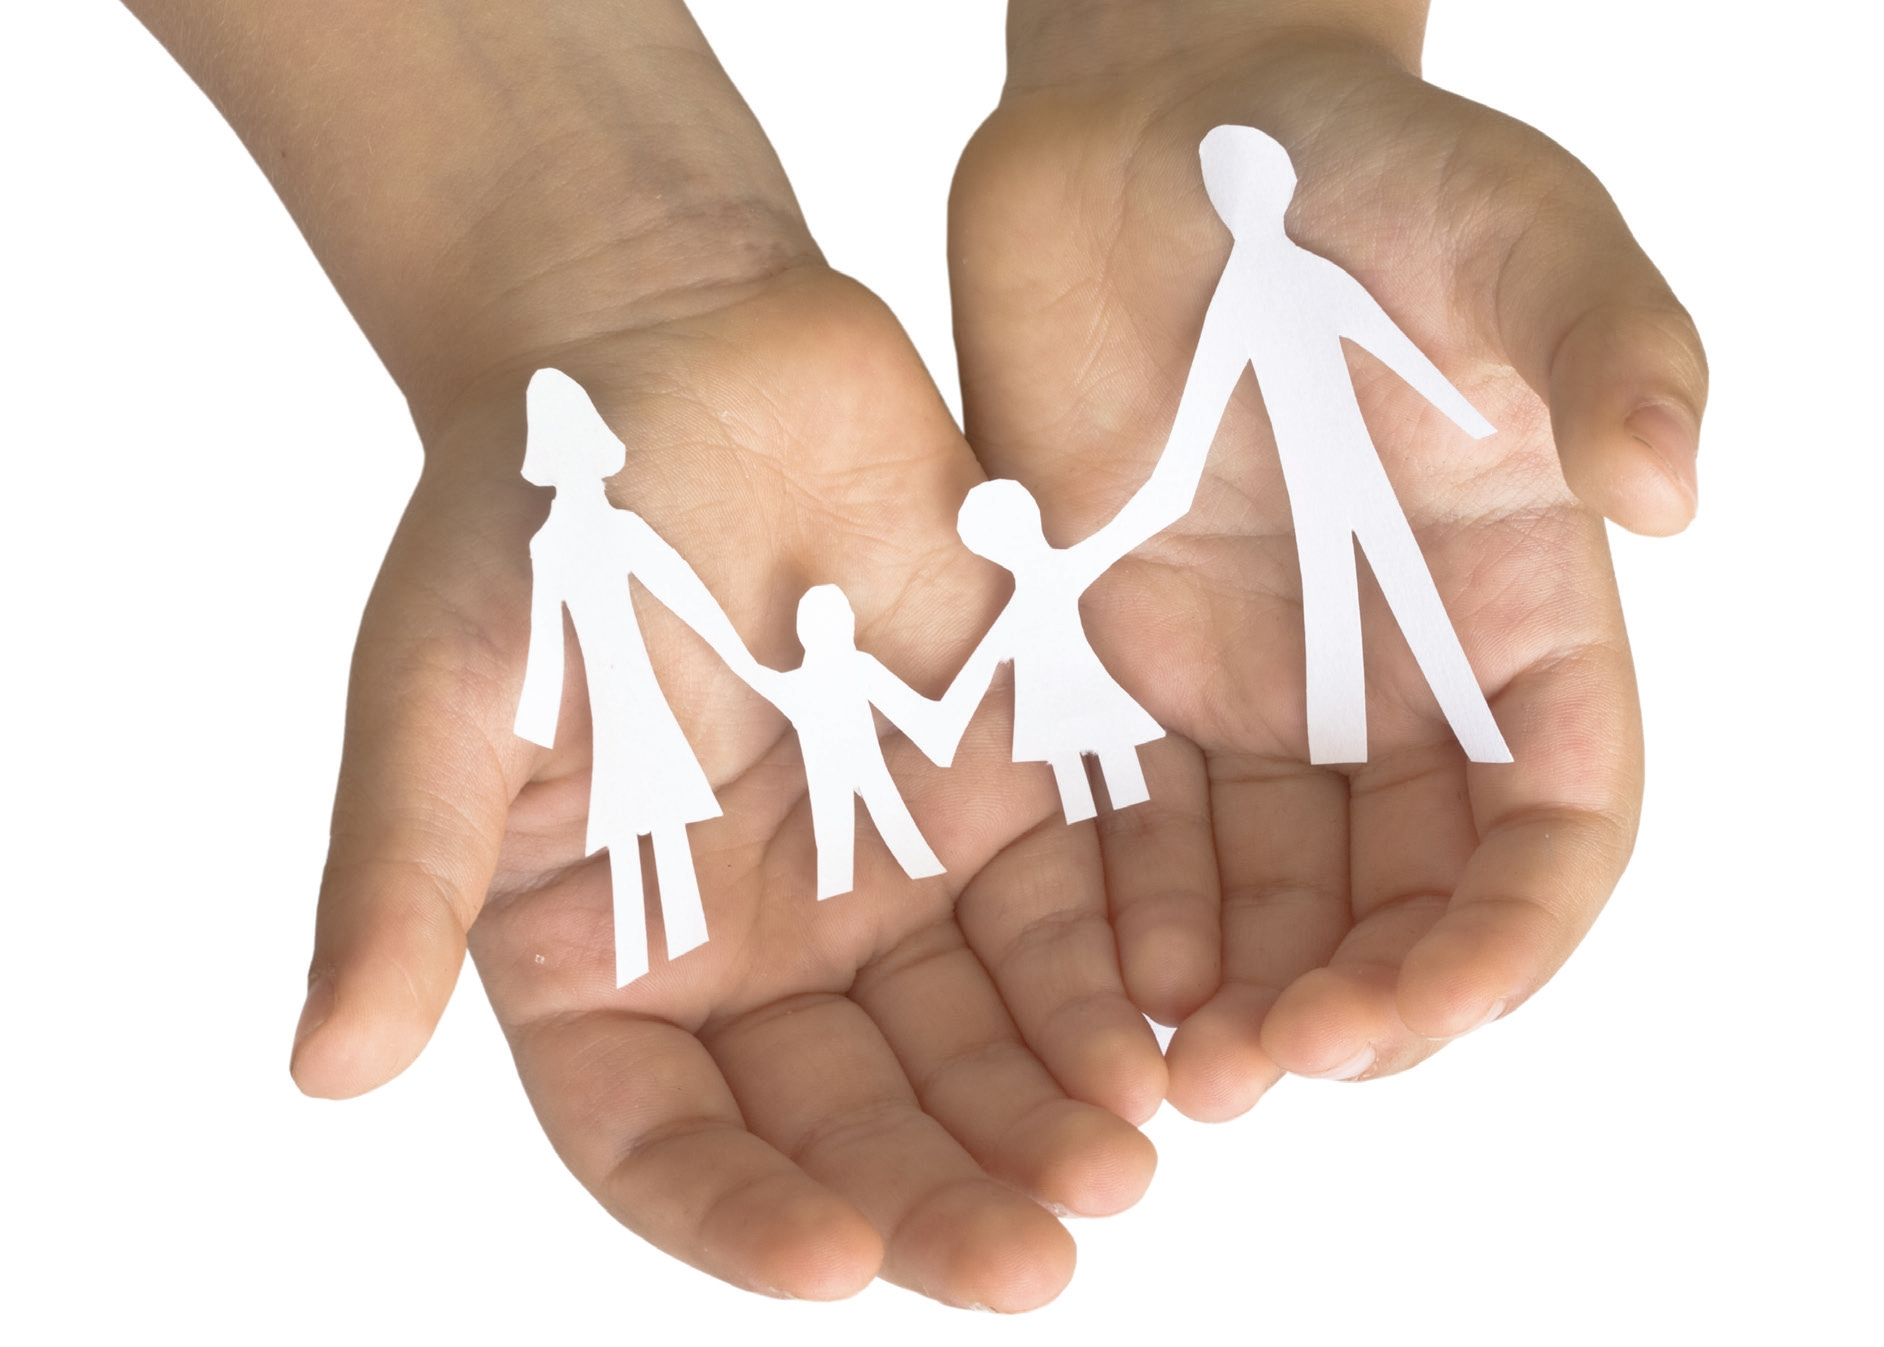 Воссоединение семьи - способ получения ВНЖ в Эстонии